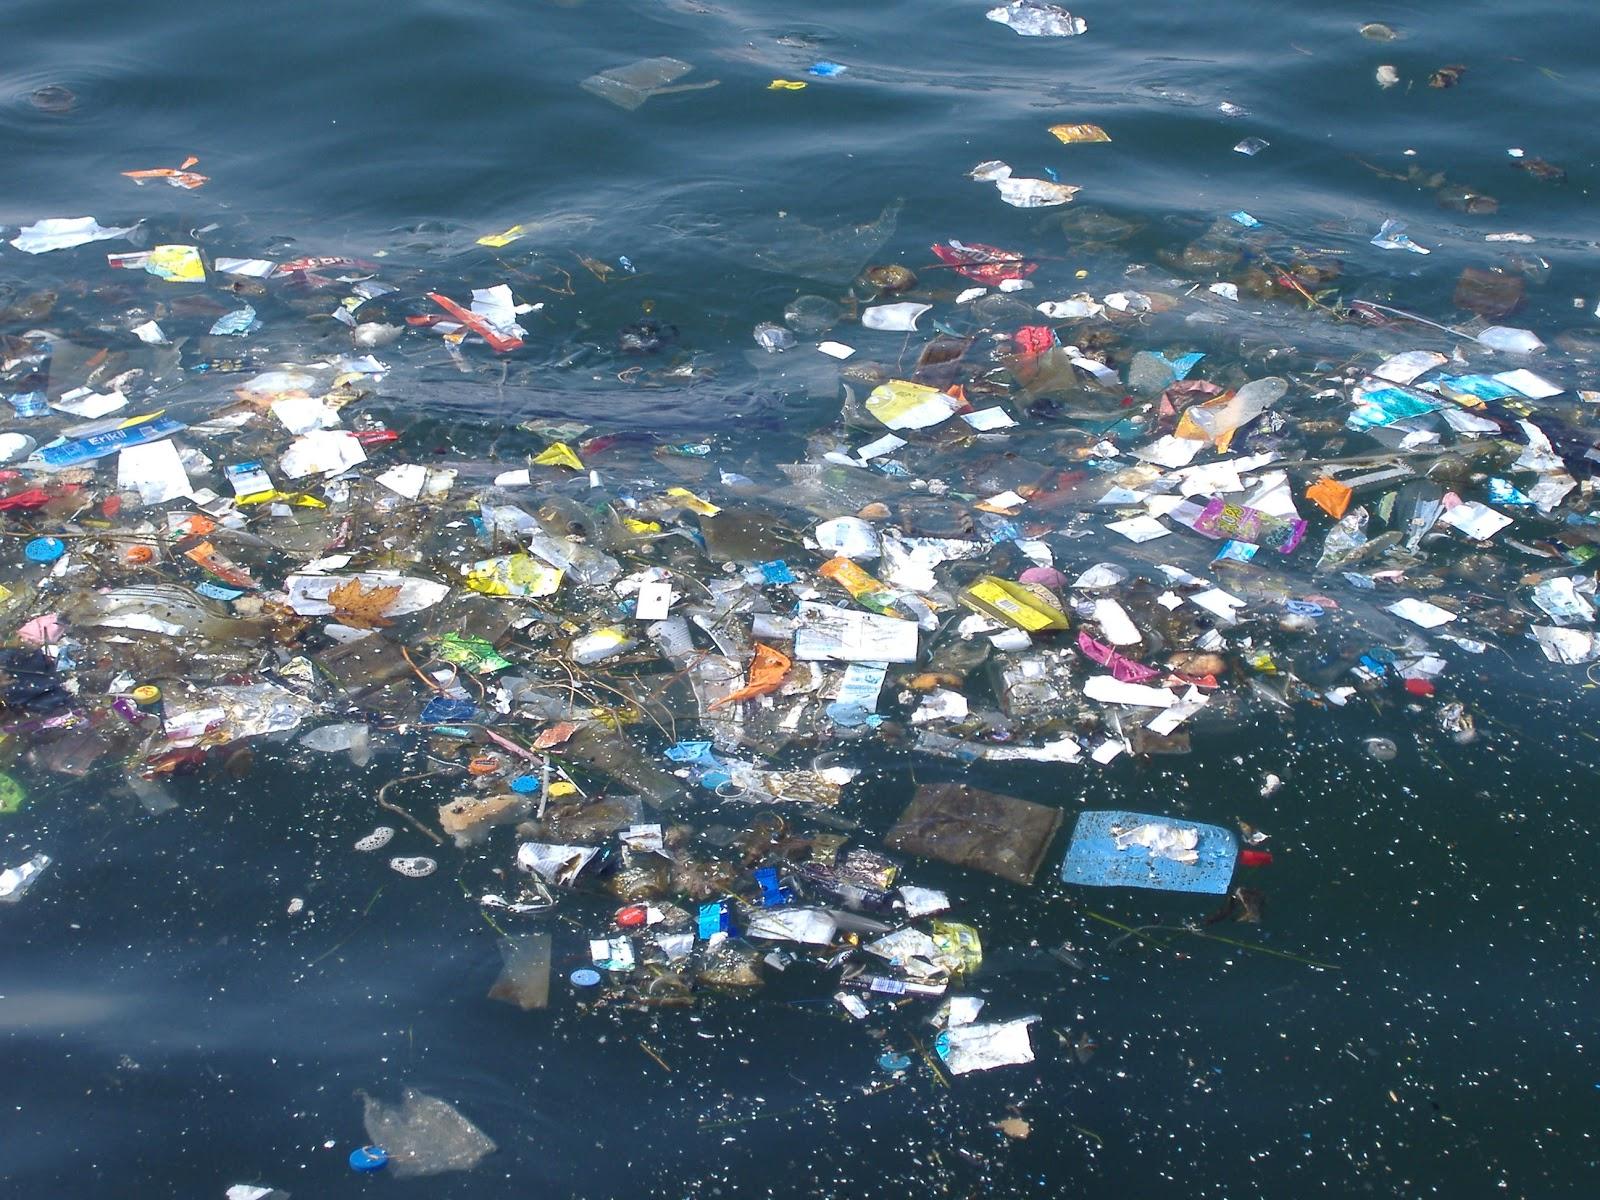 Denizlerimiz çok hasta, Marmara ölü deniz olma yolunda: Tek sorumlu insan